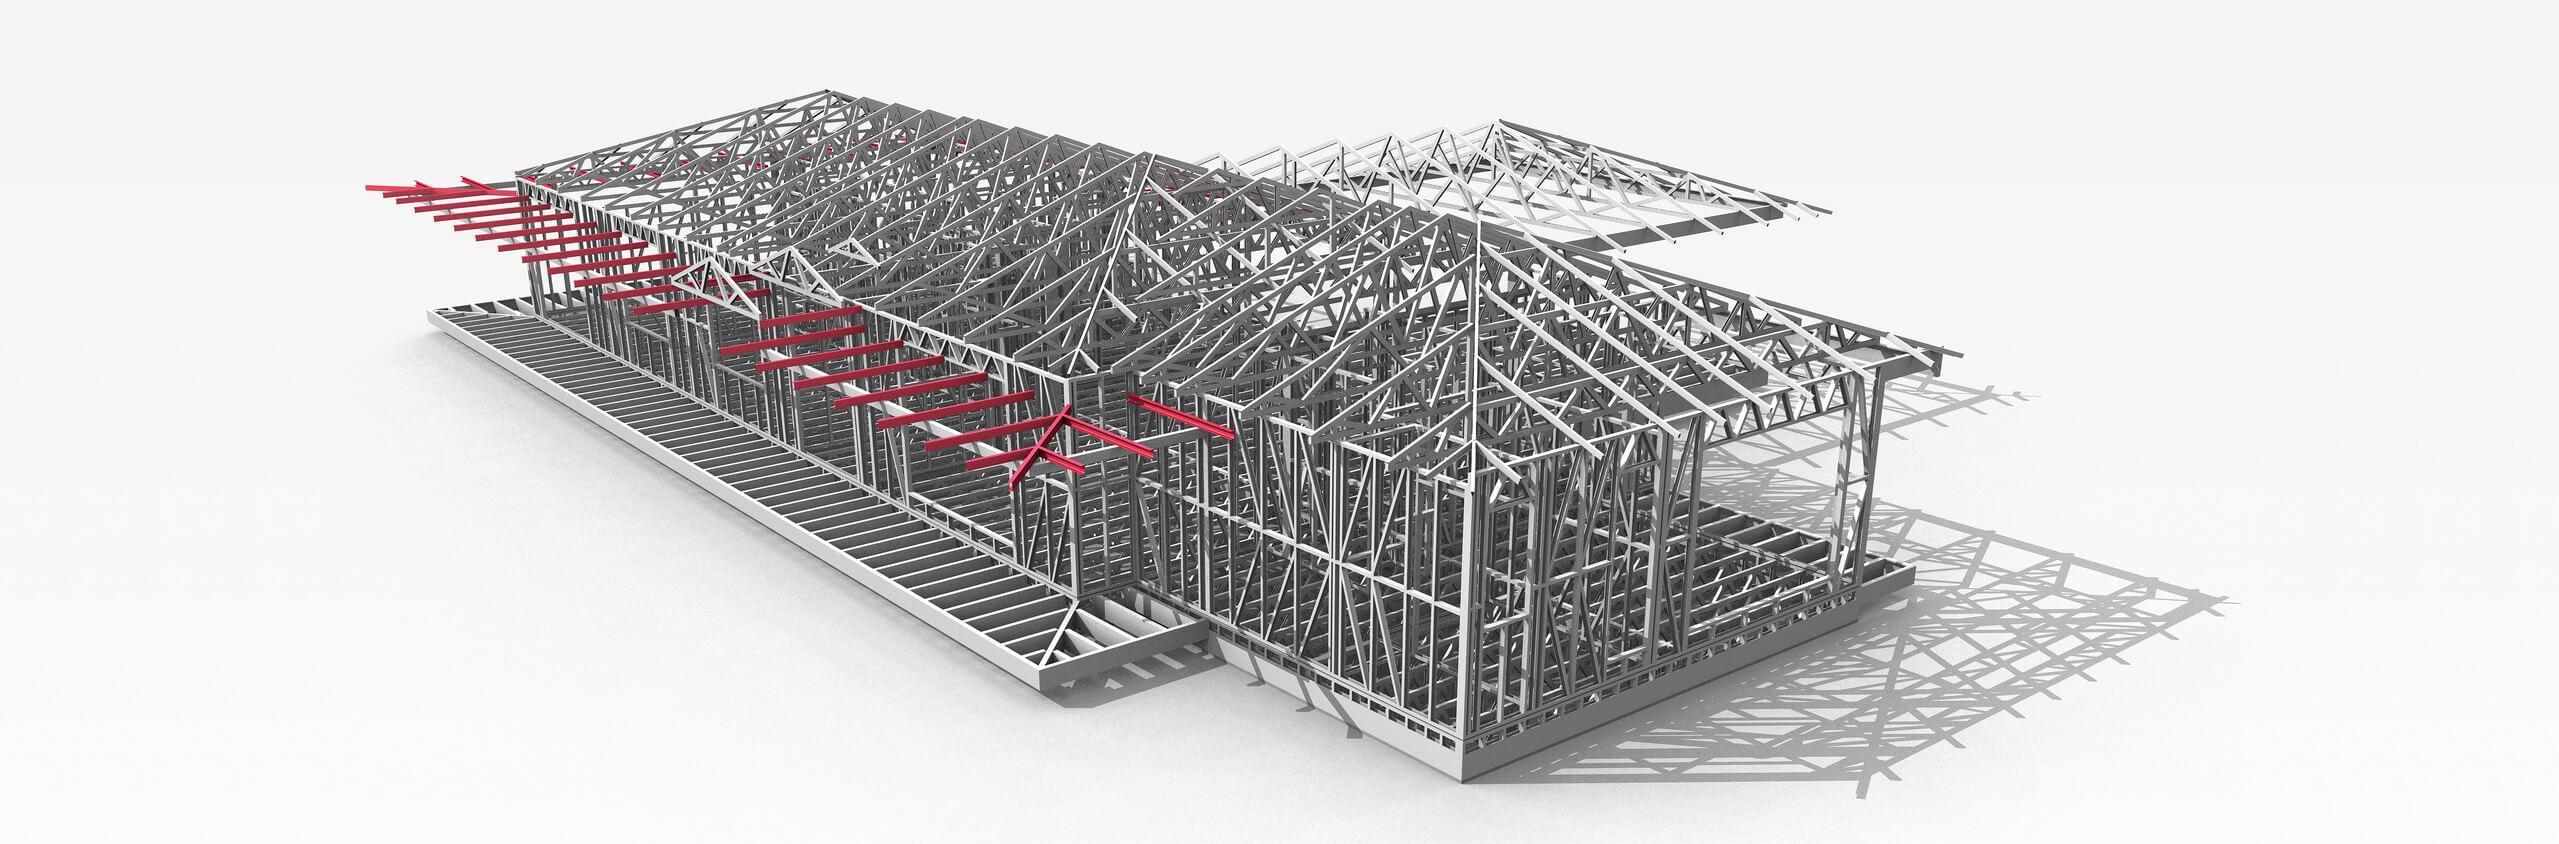 Obrazok ocelovej konstrukcie stavebnej budovy